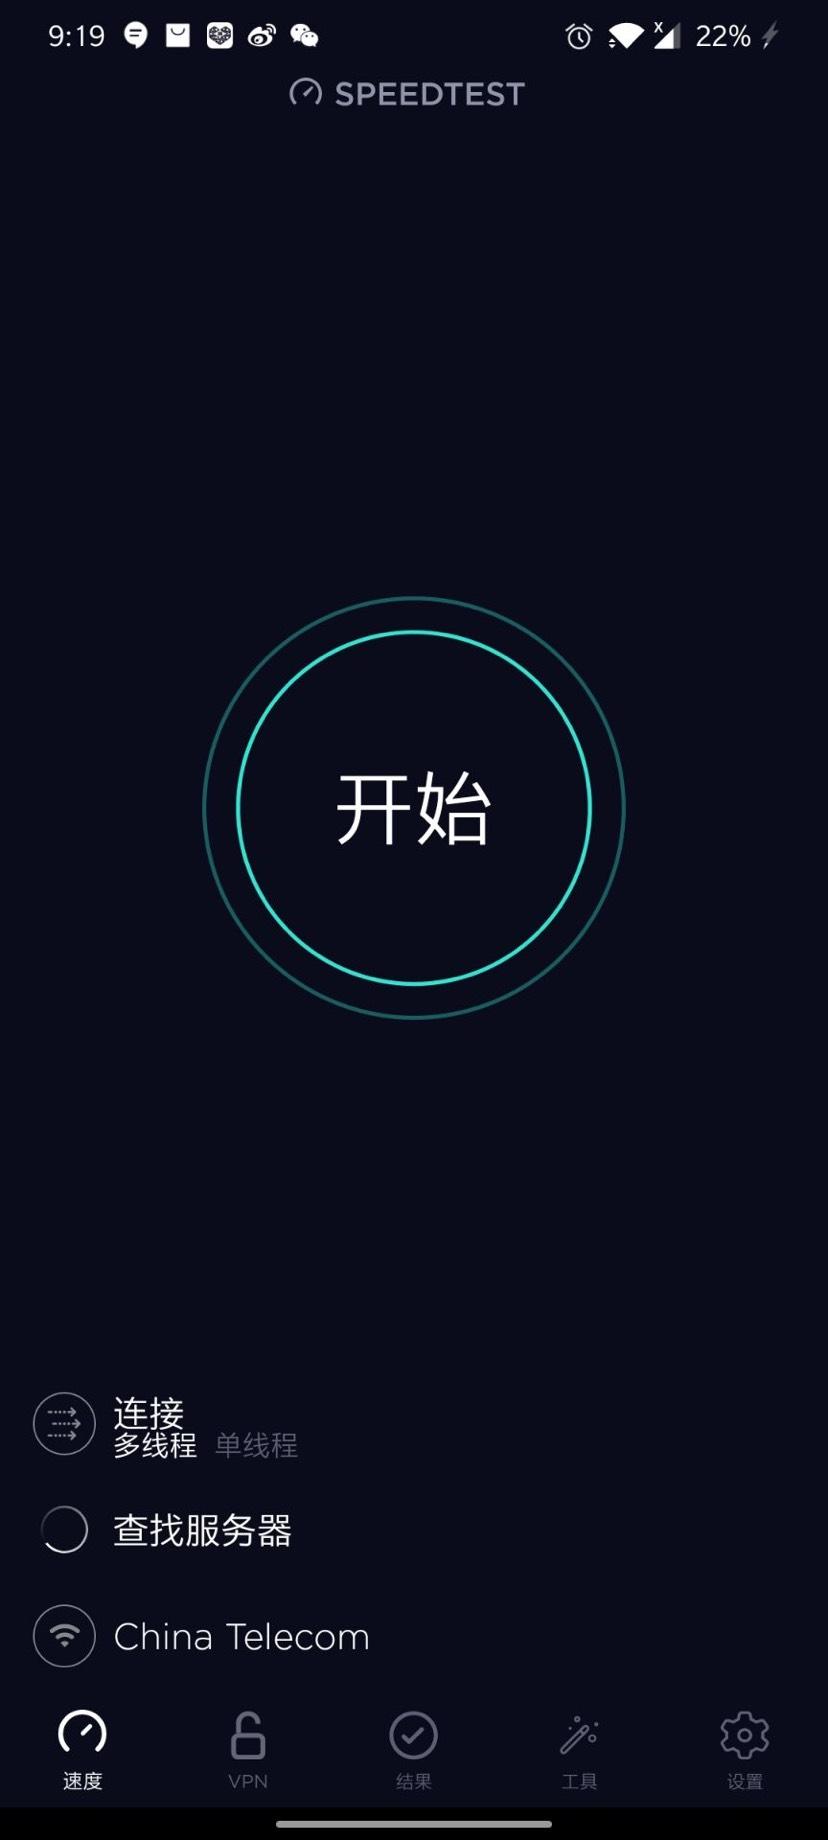 【资源分享】Speedtest_v4.5.5高级版专业网速测试